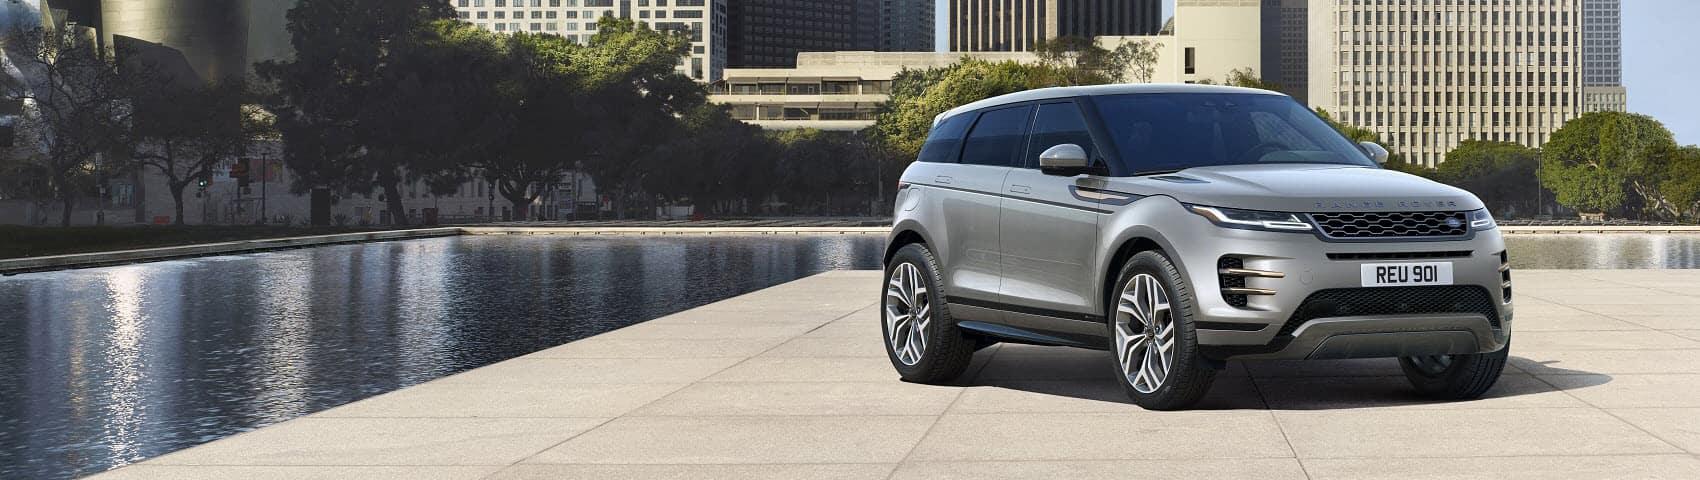 Range Rover Evoque Fuel Economy